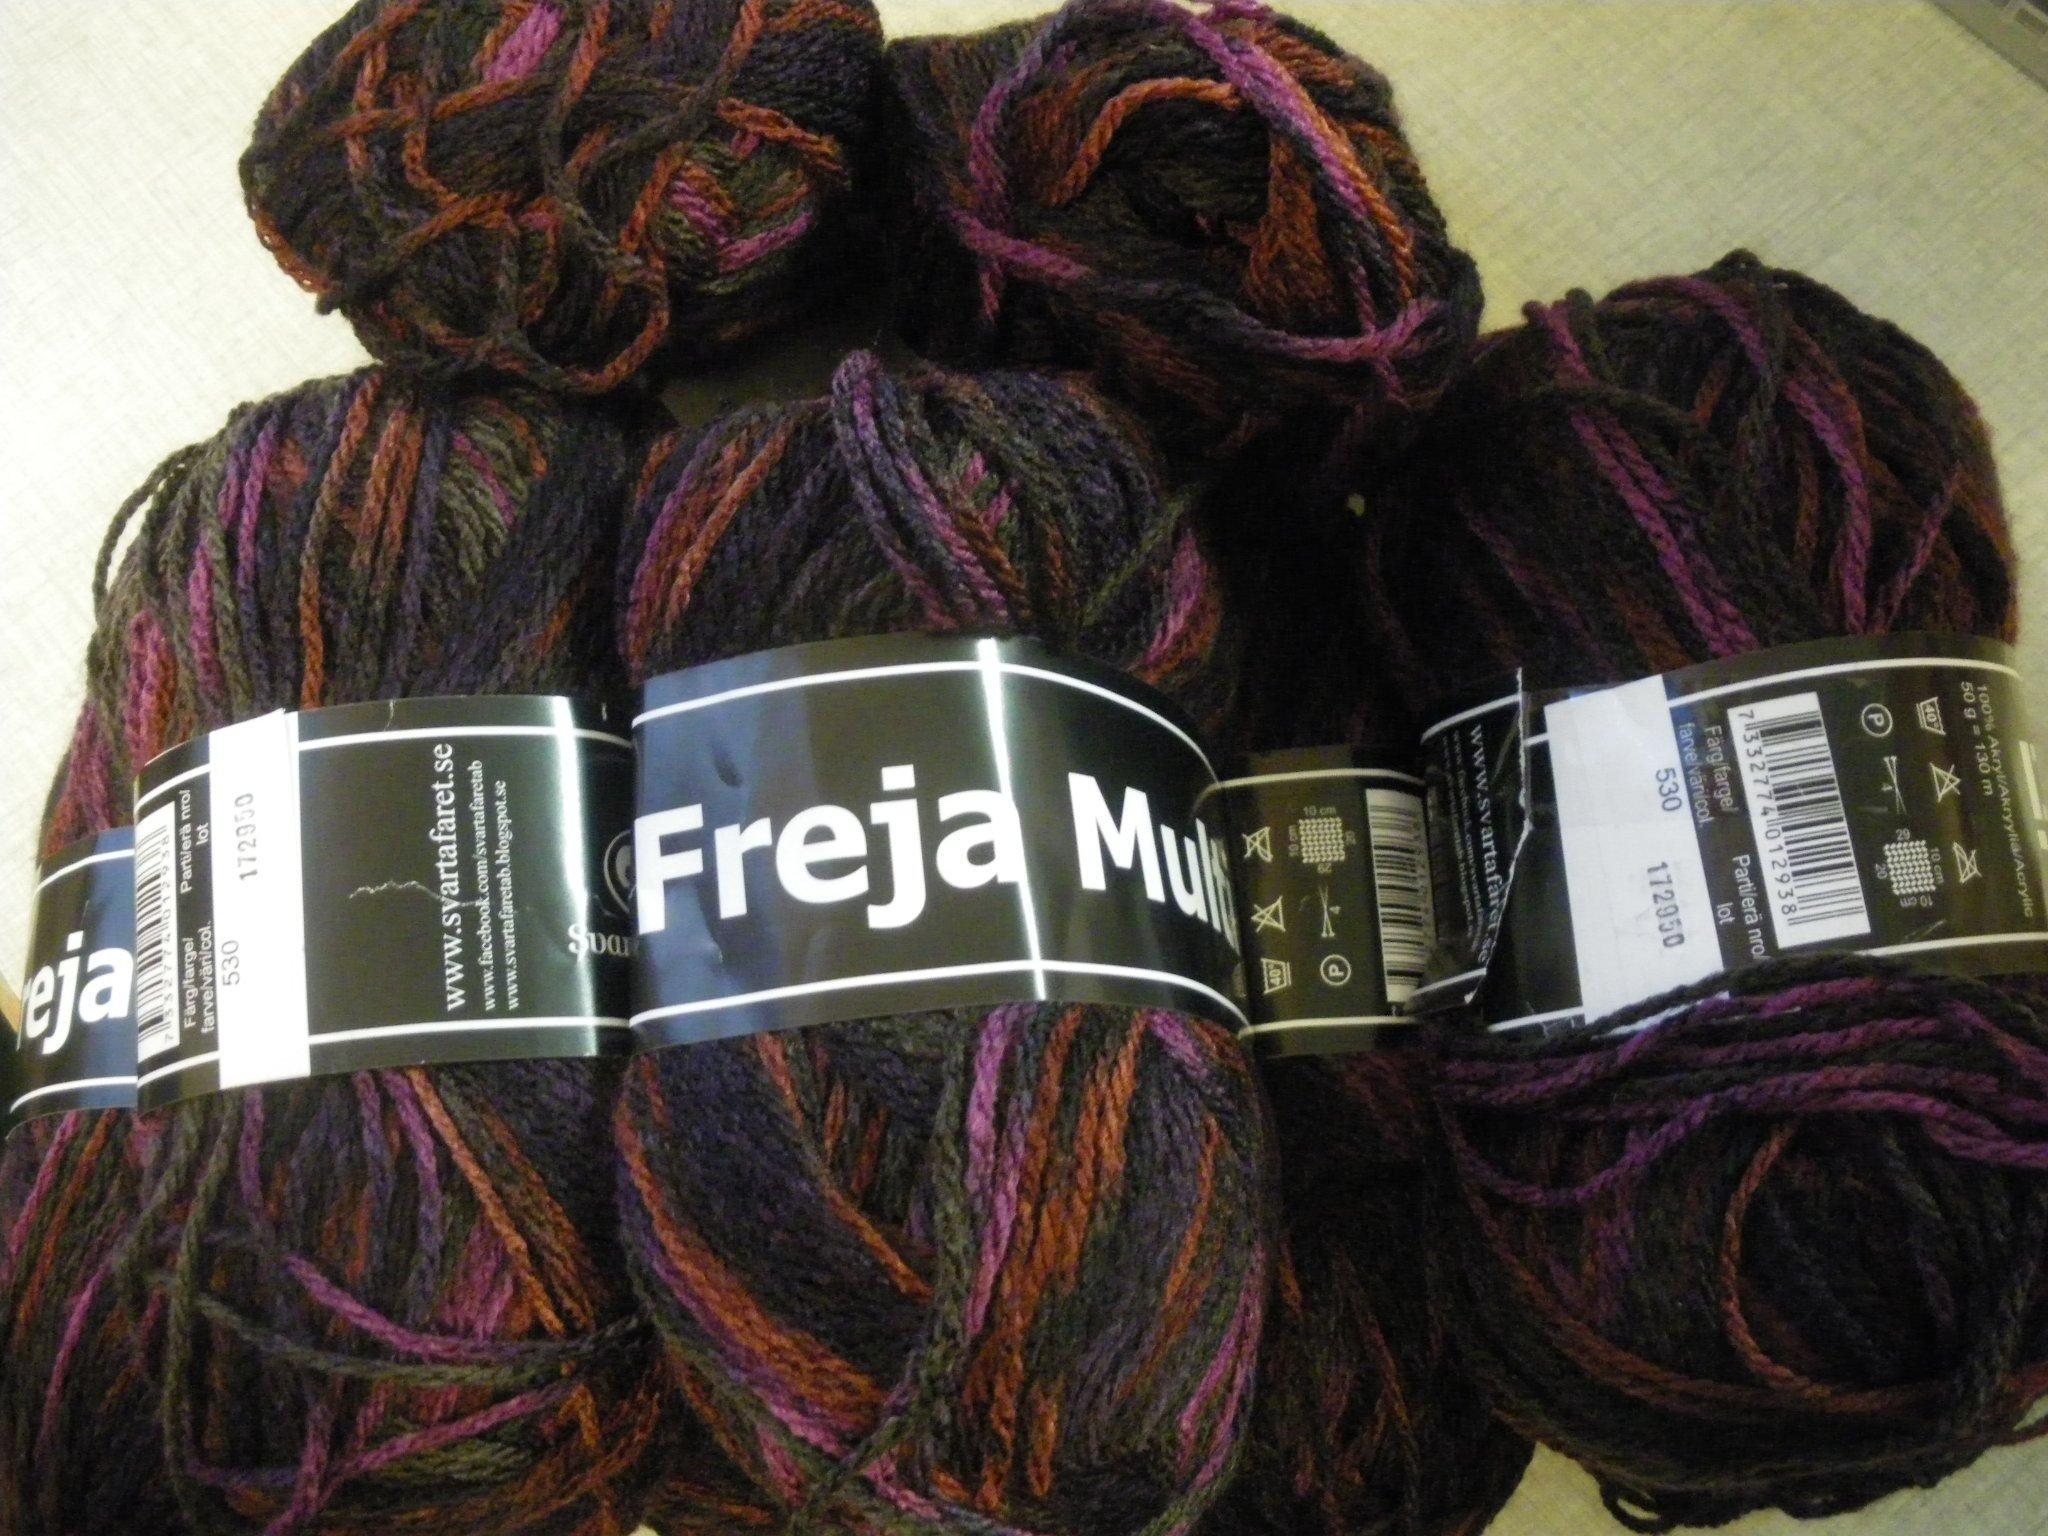 81f0c401b6f Freja multifrån Svarta fåret. 450 g (349813150) ᐈ sytant på Tradera